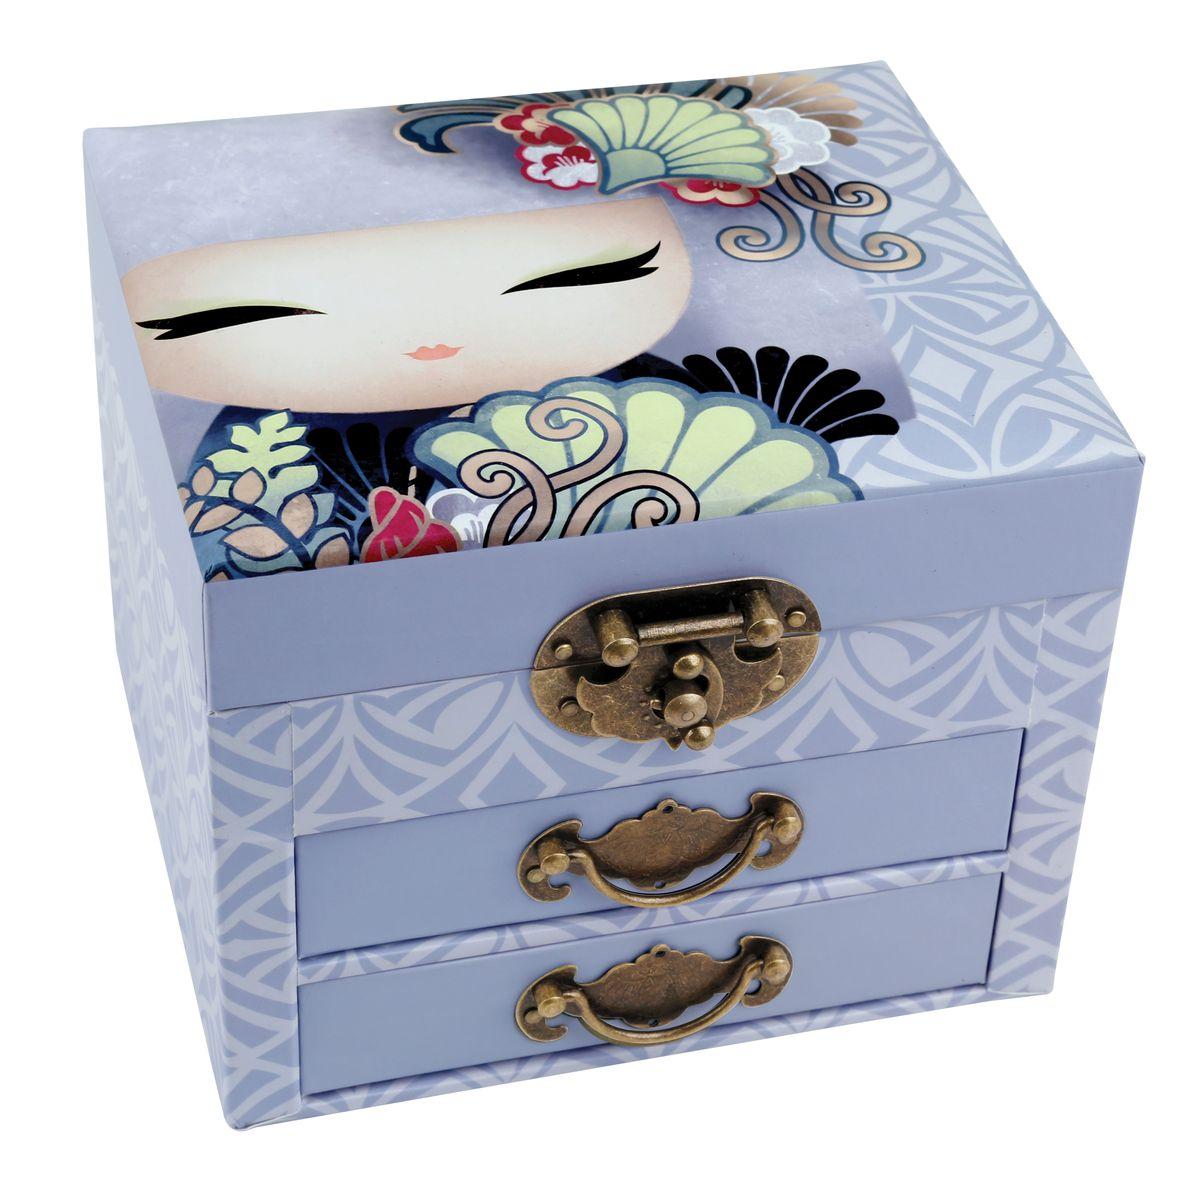 Шкатулка для бижутерии Kimmidoll Айри (Обожание). KS087111474/3C TOONМилая шкатулка для бижутерии Kimmidoll Айри (Обожание) выполнена из плотного картона. Шкатулка оснащена двумя выдвижными ящичками и декорирована винтажными ручками и замком. Внутри шкатулка имеет три секции для хранения любимой бижутерии. На внутренней стороне крышки шкатулки есть зеркало прямоугольной формы.Такая шкатулка не только надежно сохранит вашу бижутерию, но и станет изысканным украшением интерьера.Привет, меня зовут Айри! Я талисман обожания. Мой дух лелеют и любят. Ваше присутствие наполняет радостью сердца тех, кто вас любит, вызывая улыбки, смех и слезы счастья. Пусть ваша жизнь и далее всегда будет в объятиях тех, кто действительно дорожит вами.